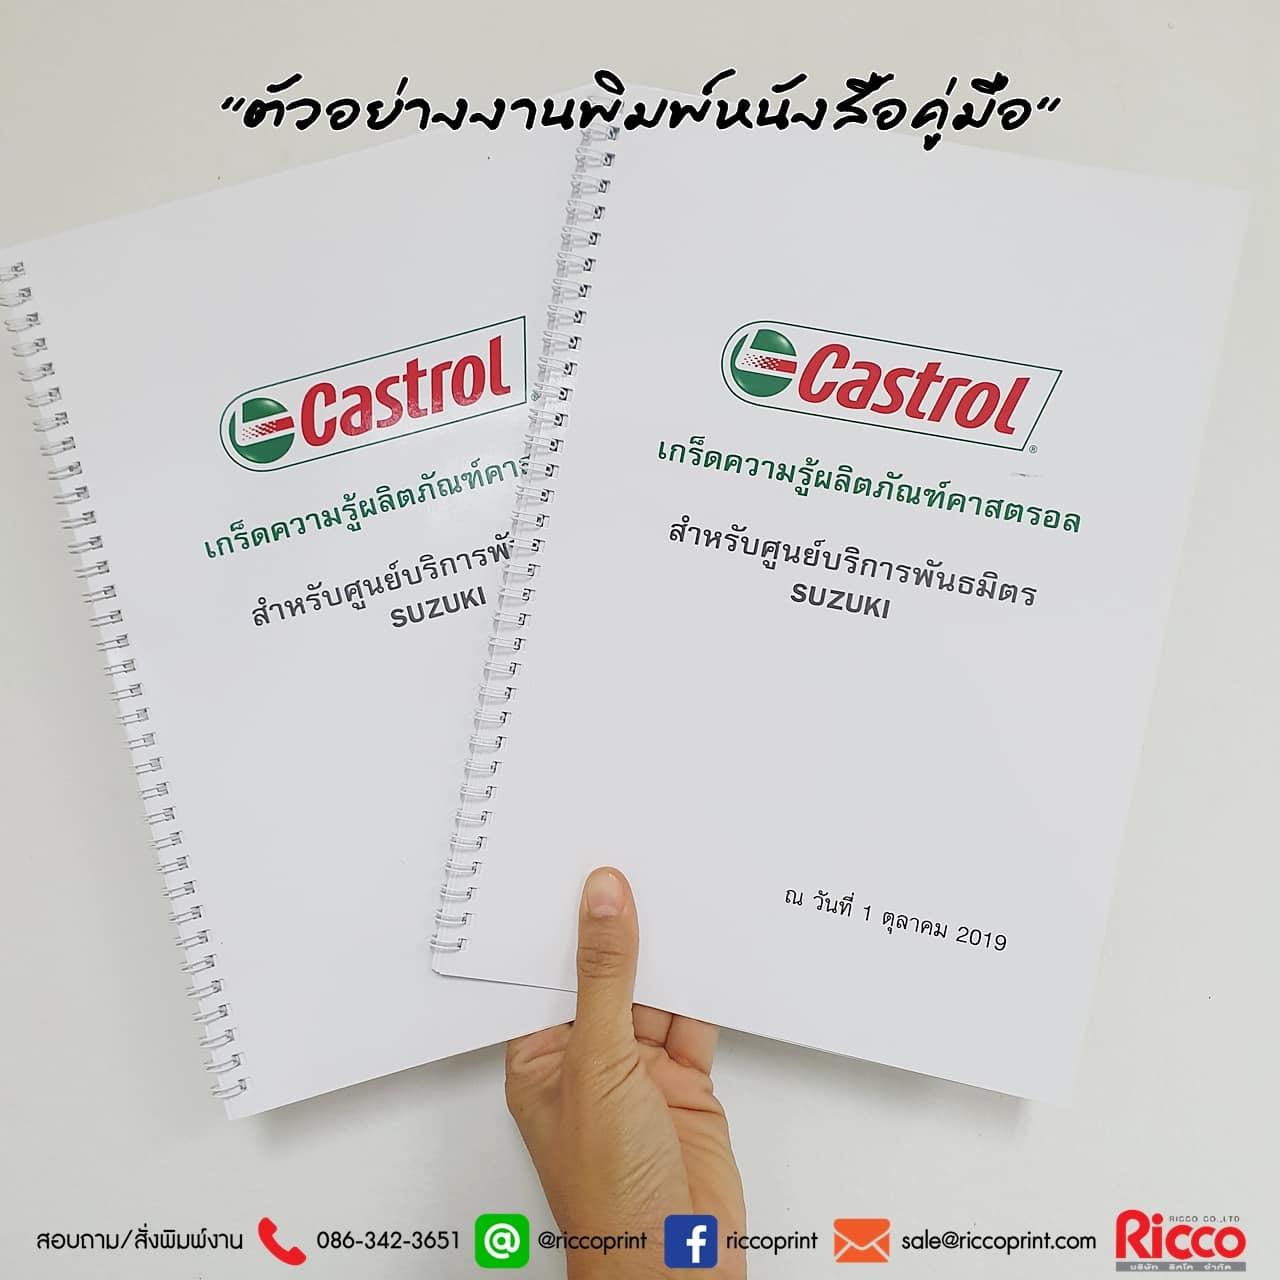 รูป Manual 2019 2 - ประกอบเนื้อหา หนังสือ คู่มือ Booklet